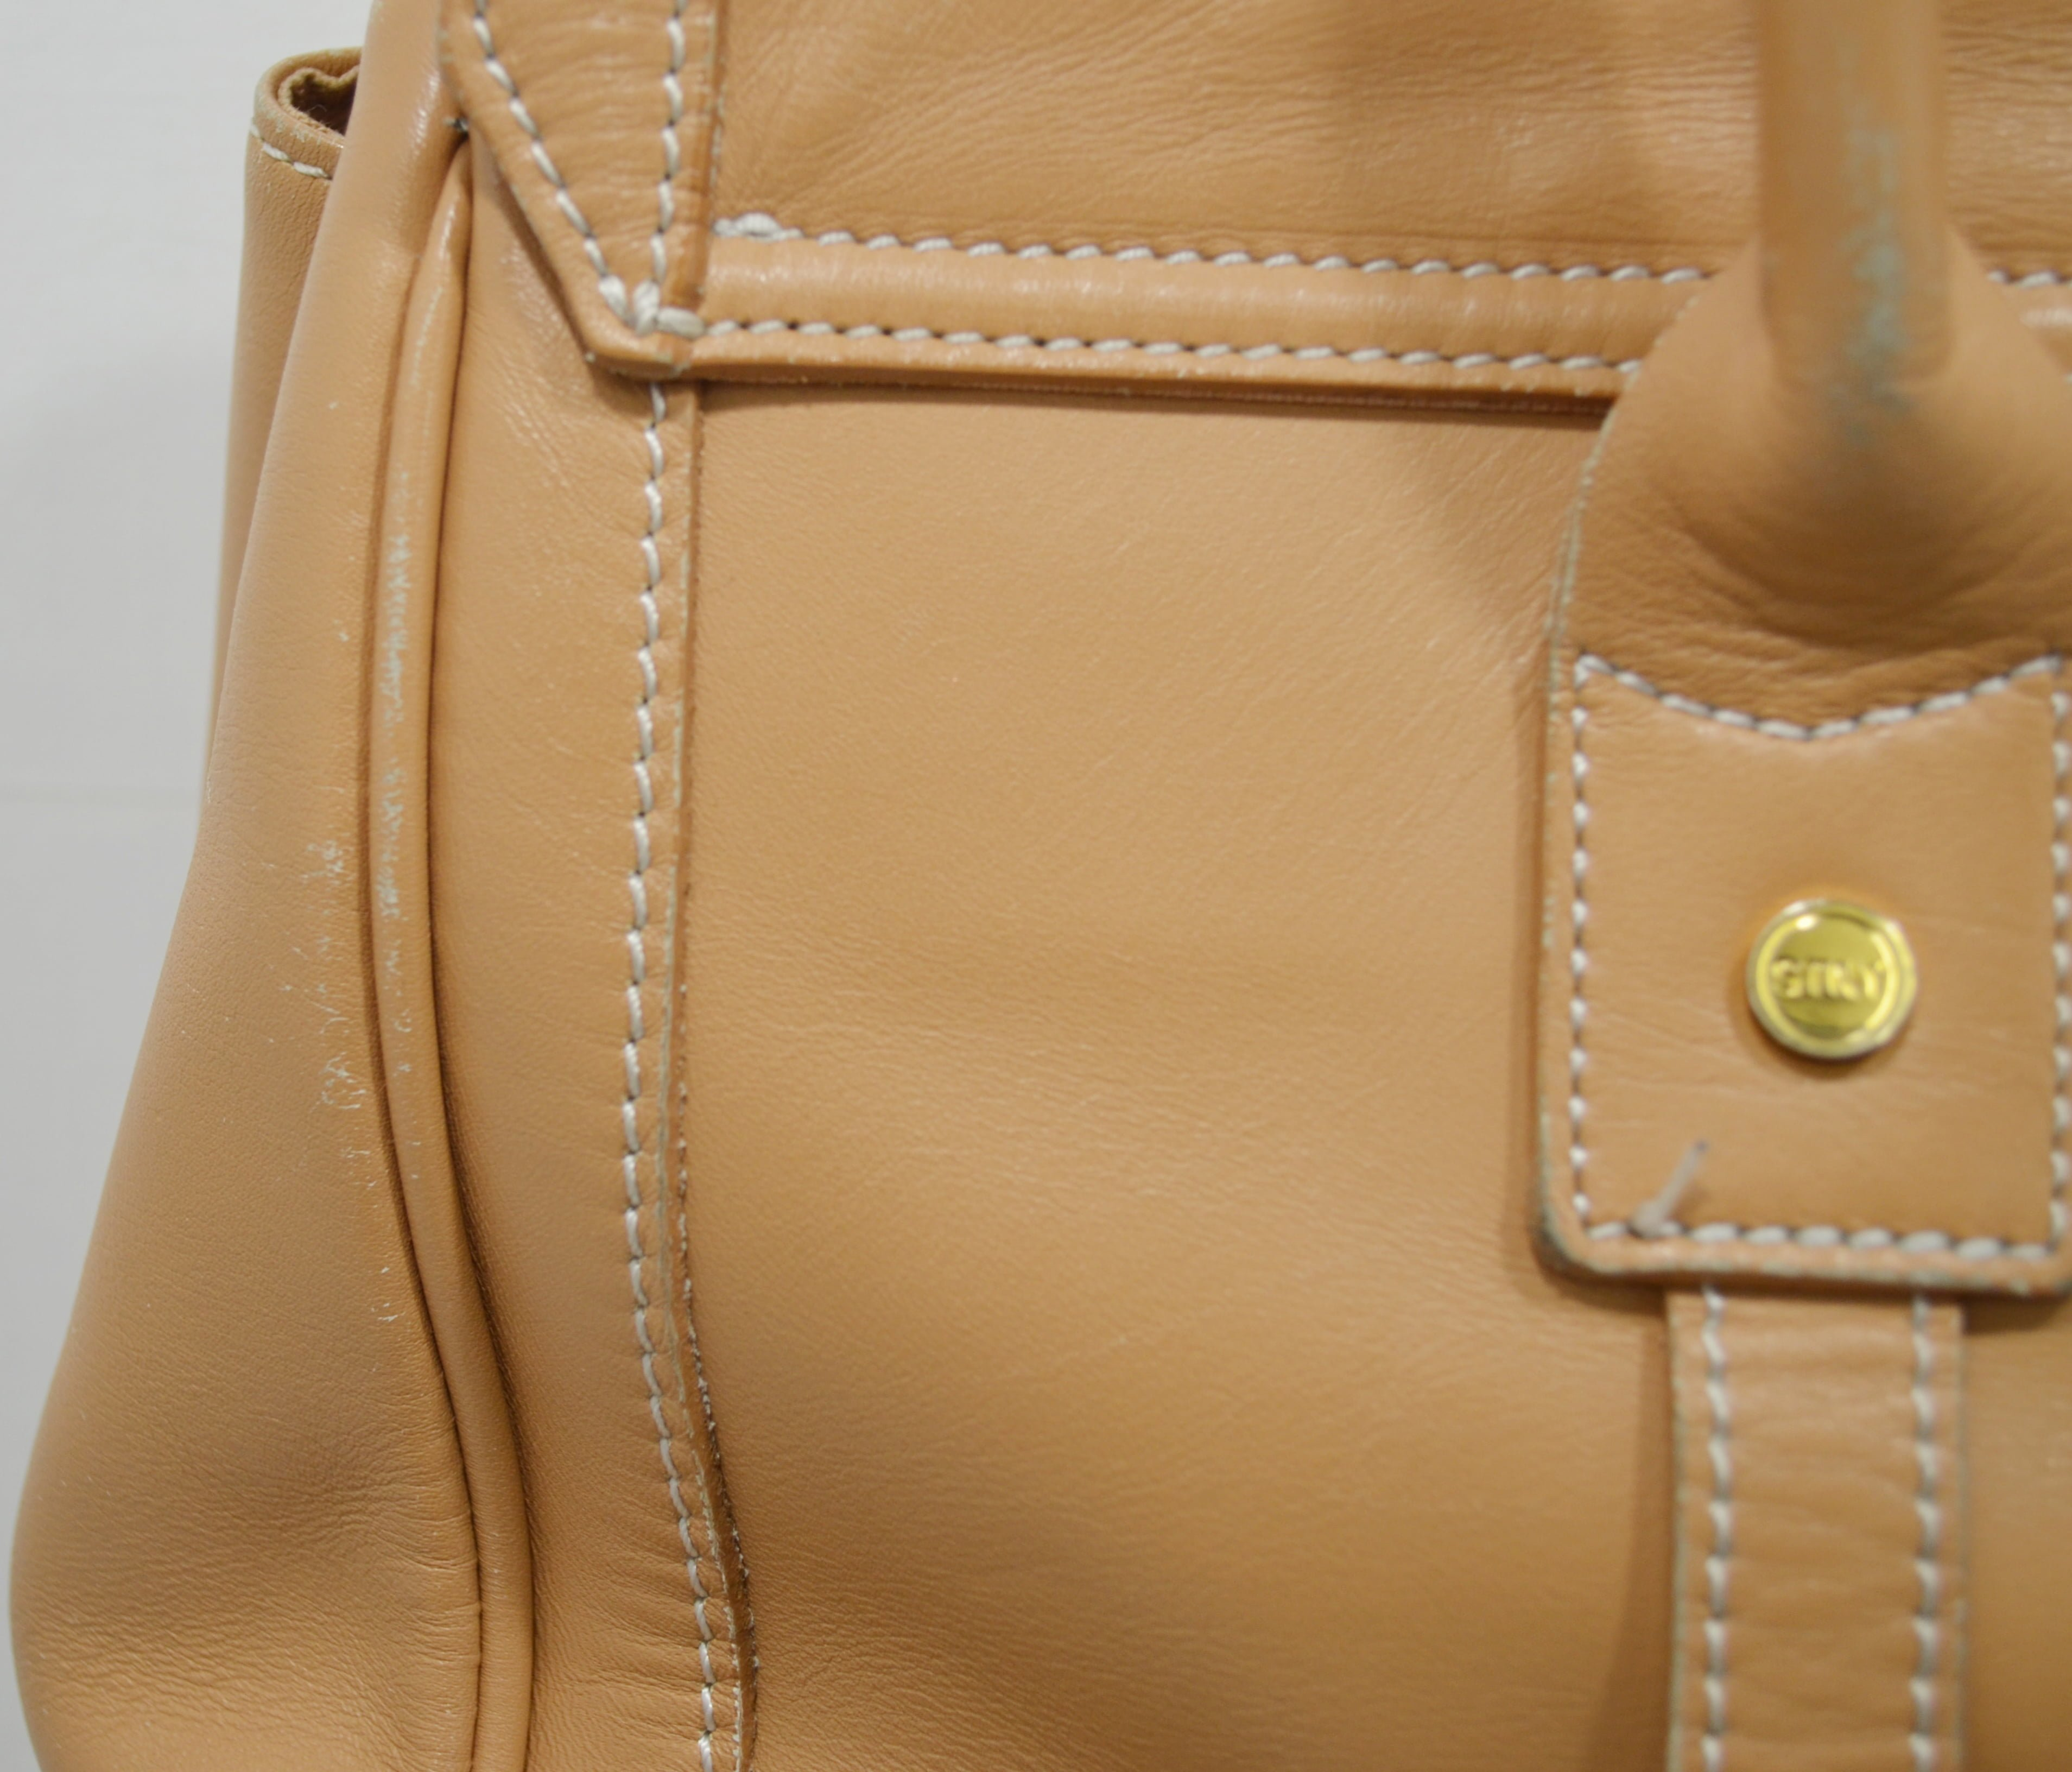 サマンサタバサの鞄。バッグのクリーニング事例